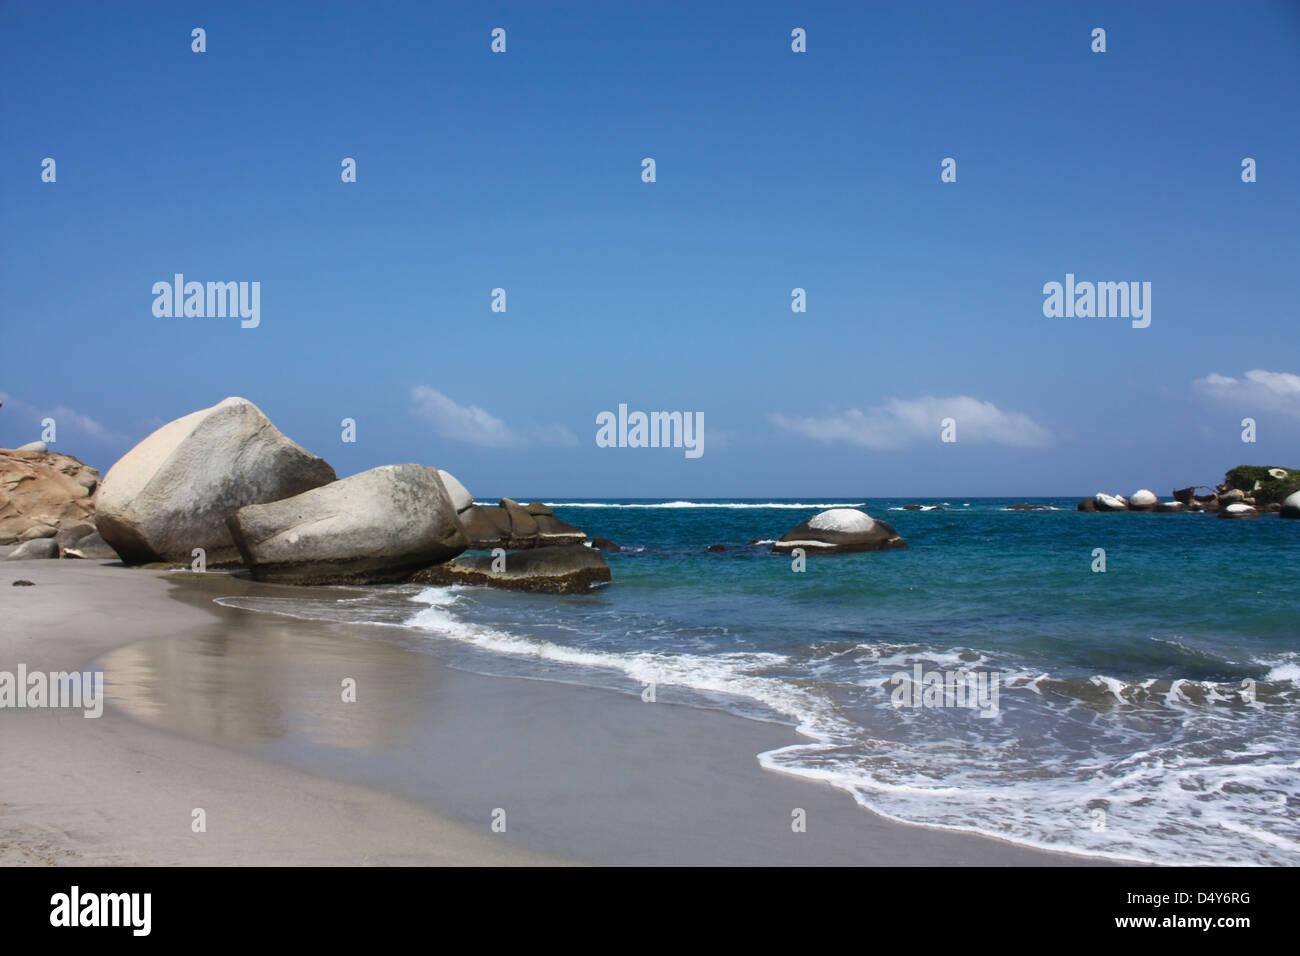 Playa en el Parque Nacional Tayrona, Caribe colombiano. Foto de stock